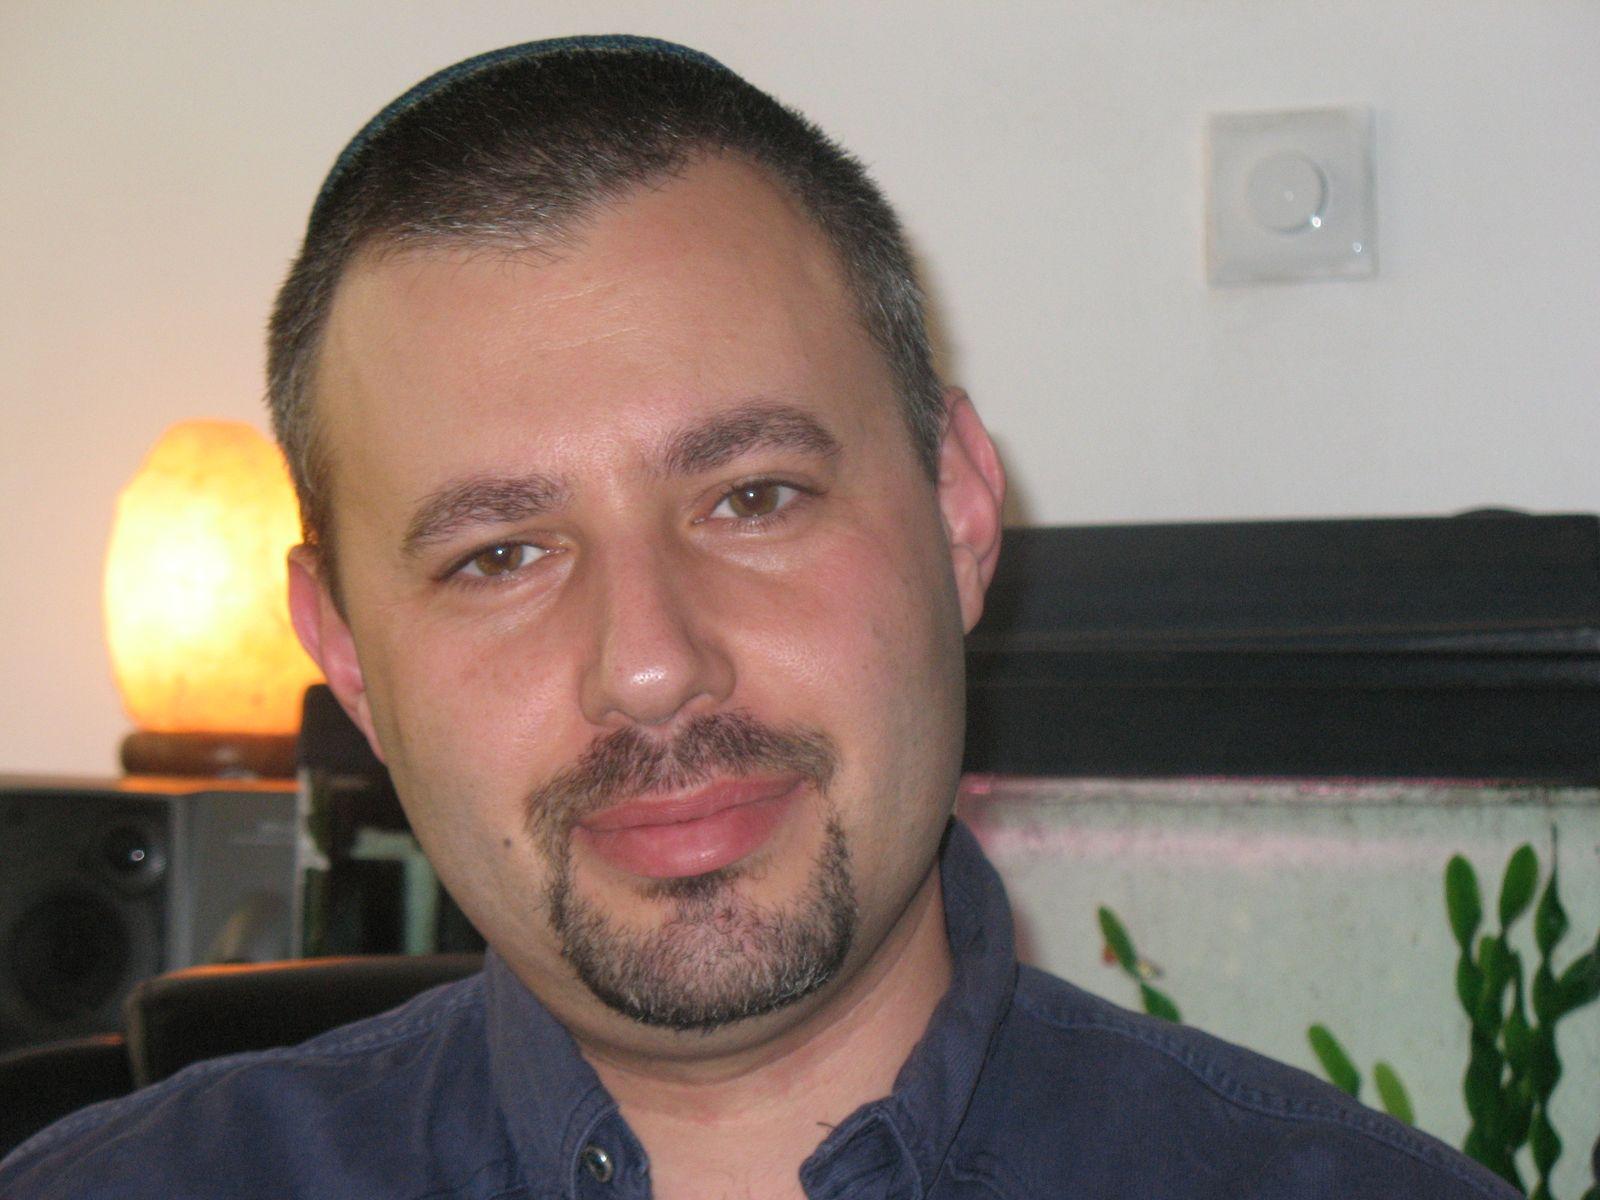 מיכאל גורודצקי